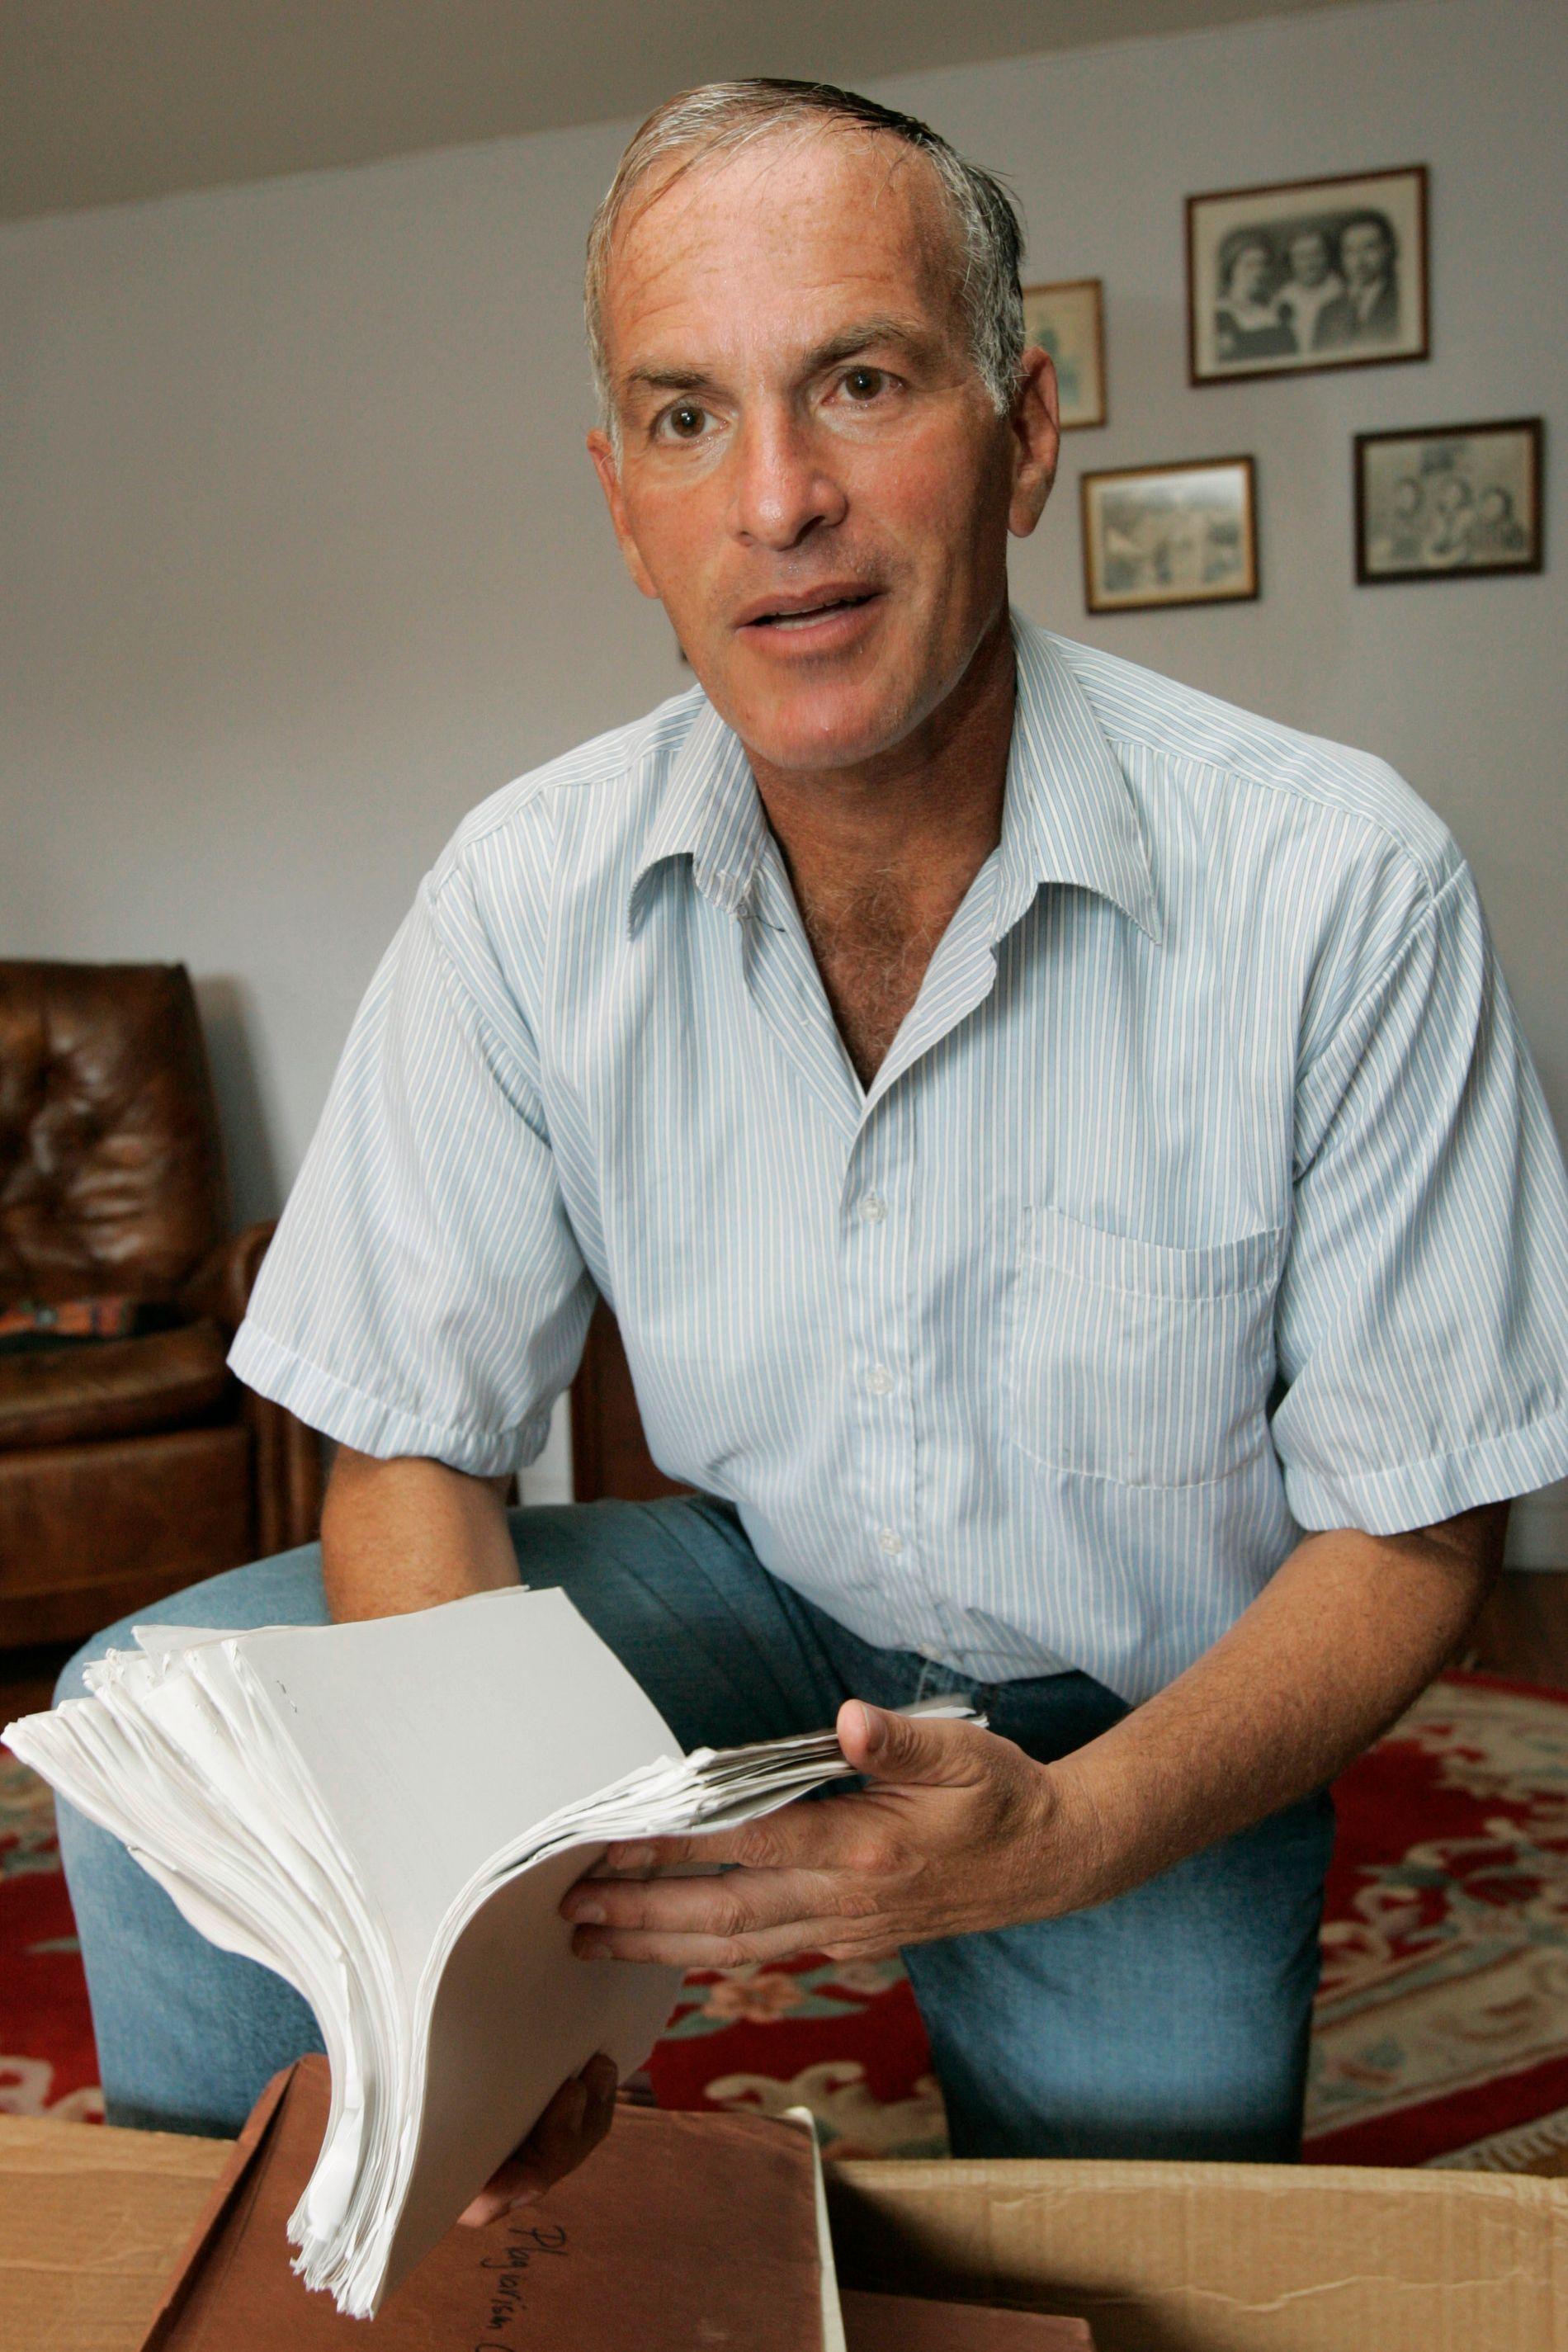 PÅ BERGENSBESØK: Nevner du navnet Norman Finkelstein for troende Israels-venner, er det fare for at de fort vil gå i svart. Den amerikansk-jødiske akademikeren og forfatteren er trolig en av de mest slagferdige, konsekvente og kontroversielle kritikere av «Det hellige landet», skriver Frode Bjerkestrand.